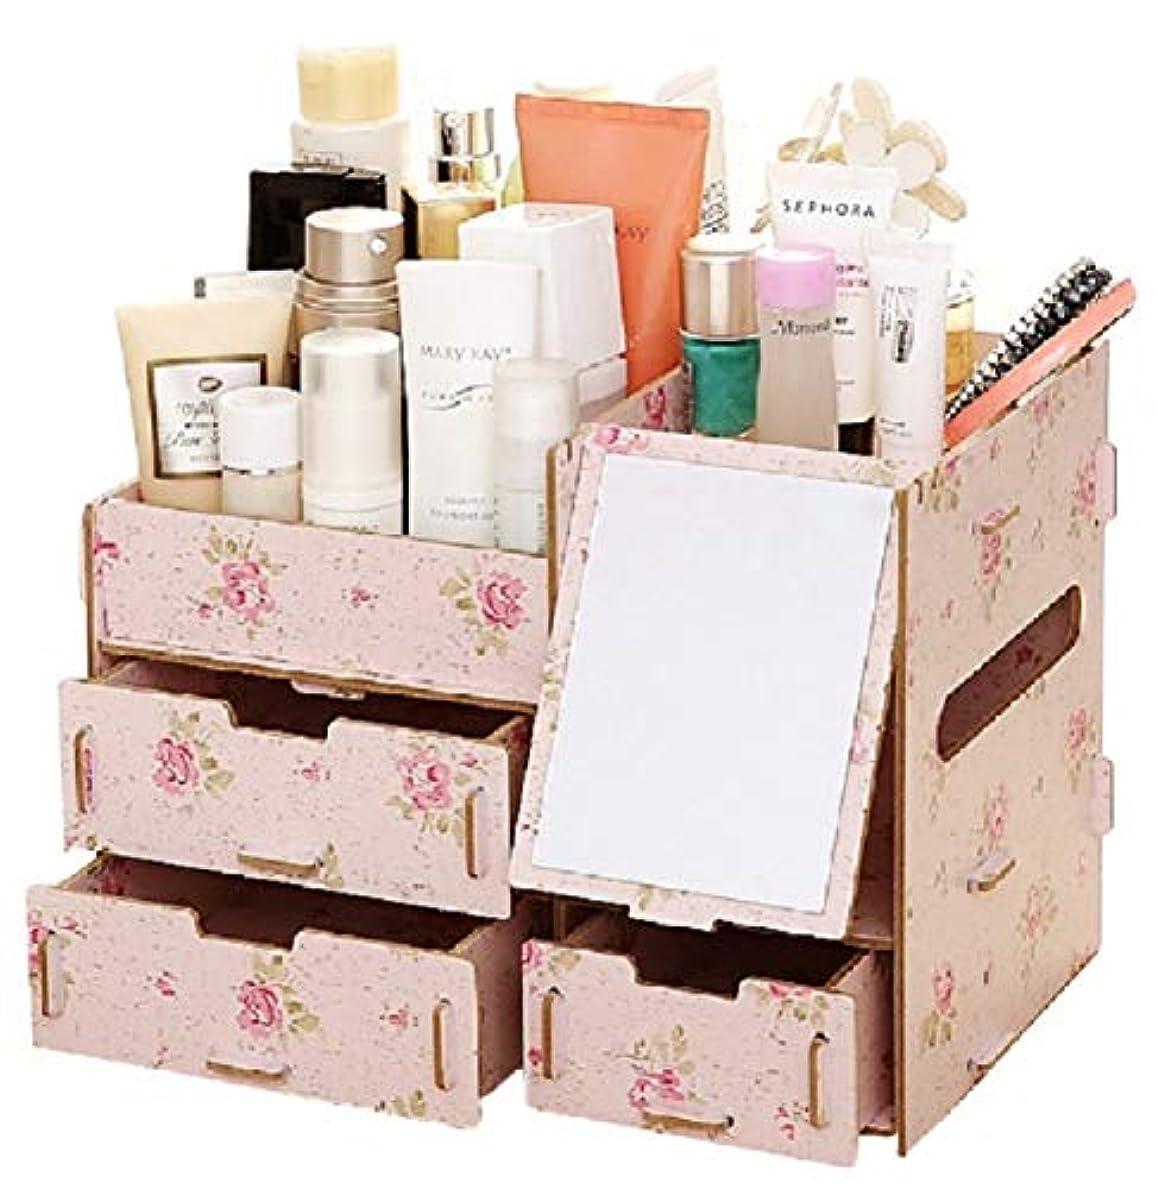 そうアルバム福祉(ミウォルナ) Miwoluna 化粧品 コスメ ジュエリー 収納 ボックス スタンド メイクボックス 木製 組み立て式 (鏡付き ツバキ)